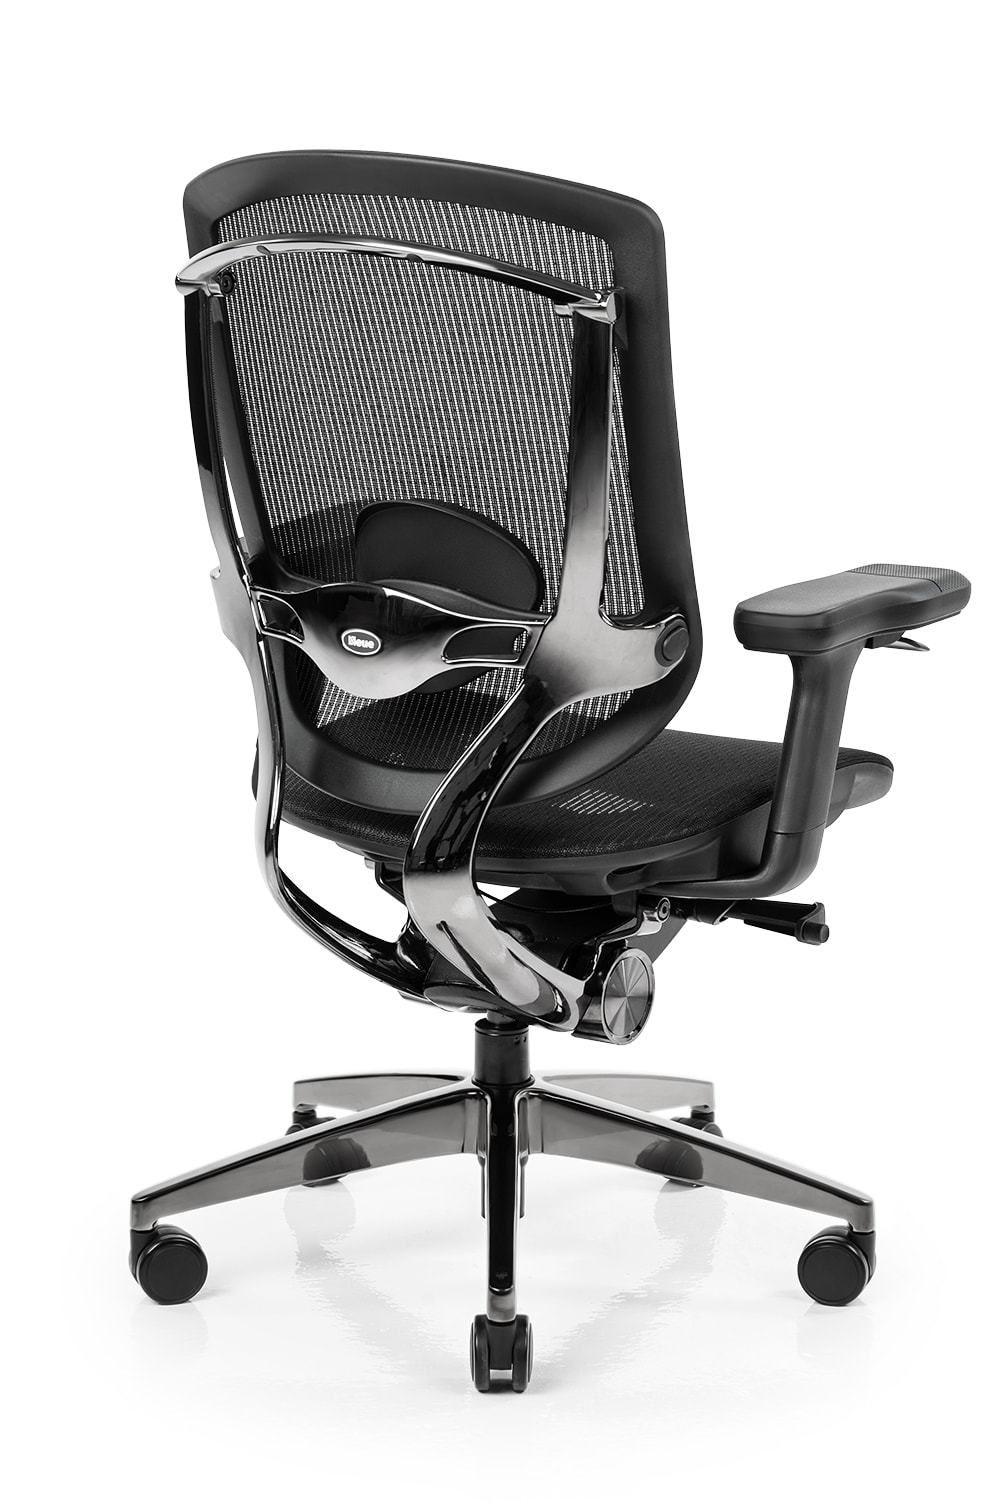 Neuechair ergonomic office chair best ergonomic office